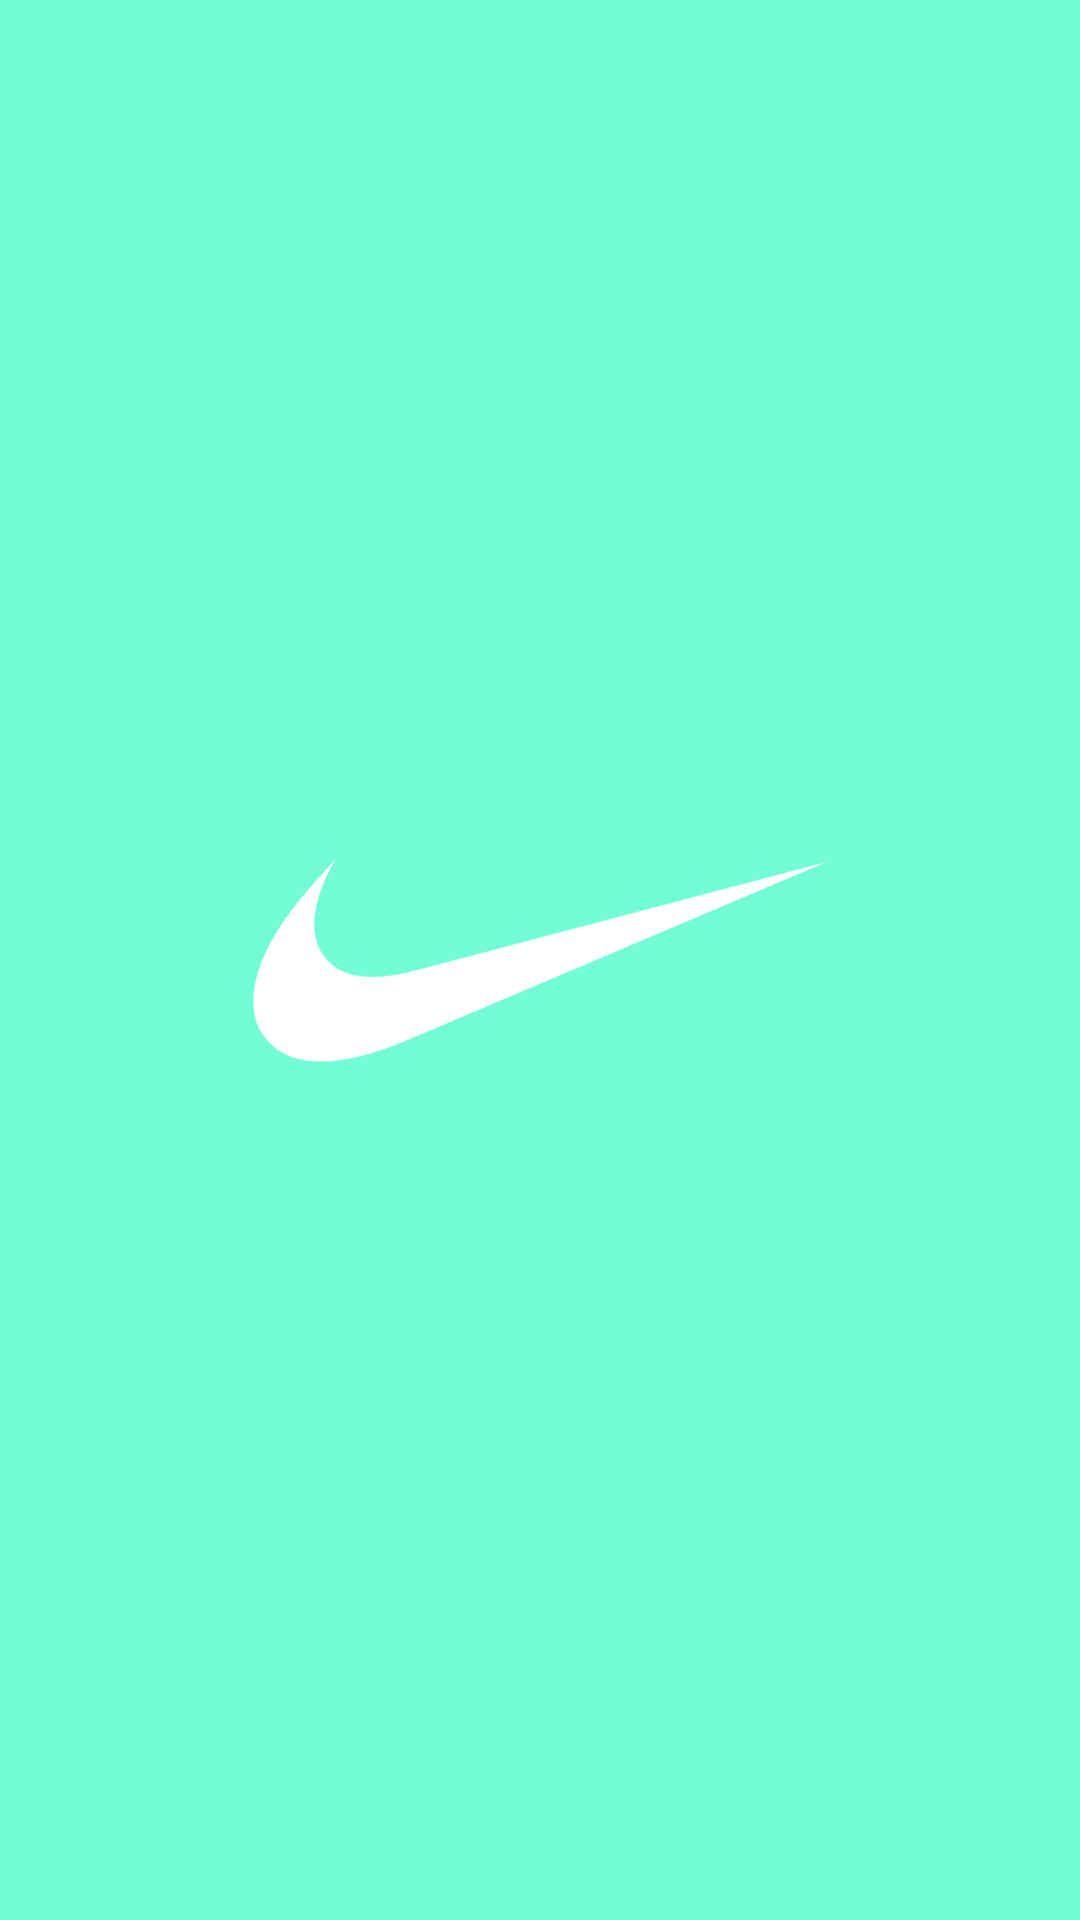 ナイキロゴ Nike Logo14 Fondos De Nike Fondos De Pantalla Nike